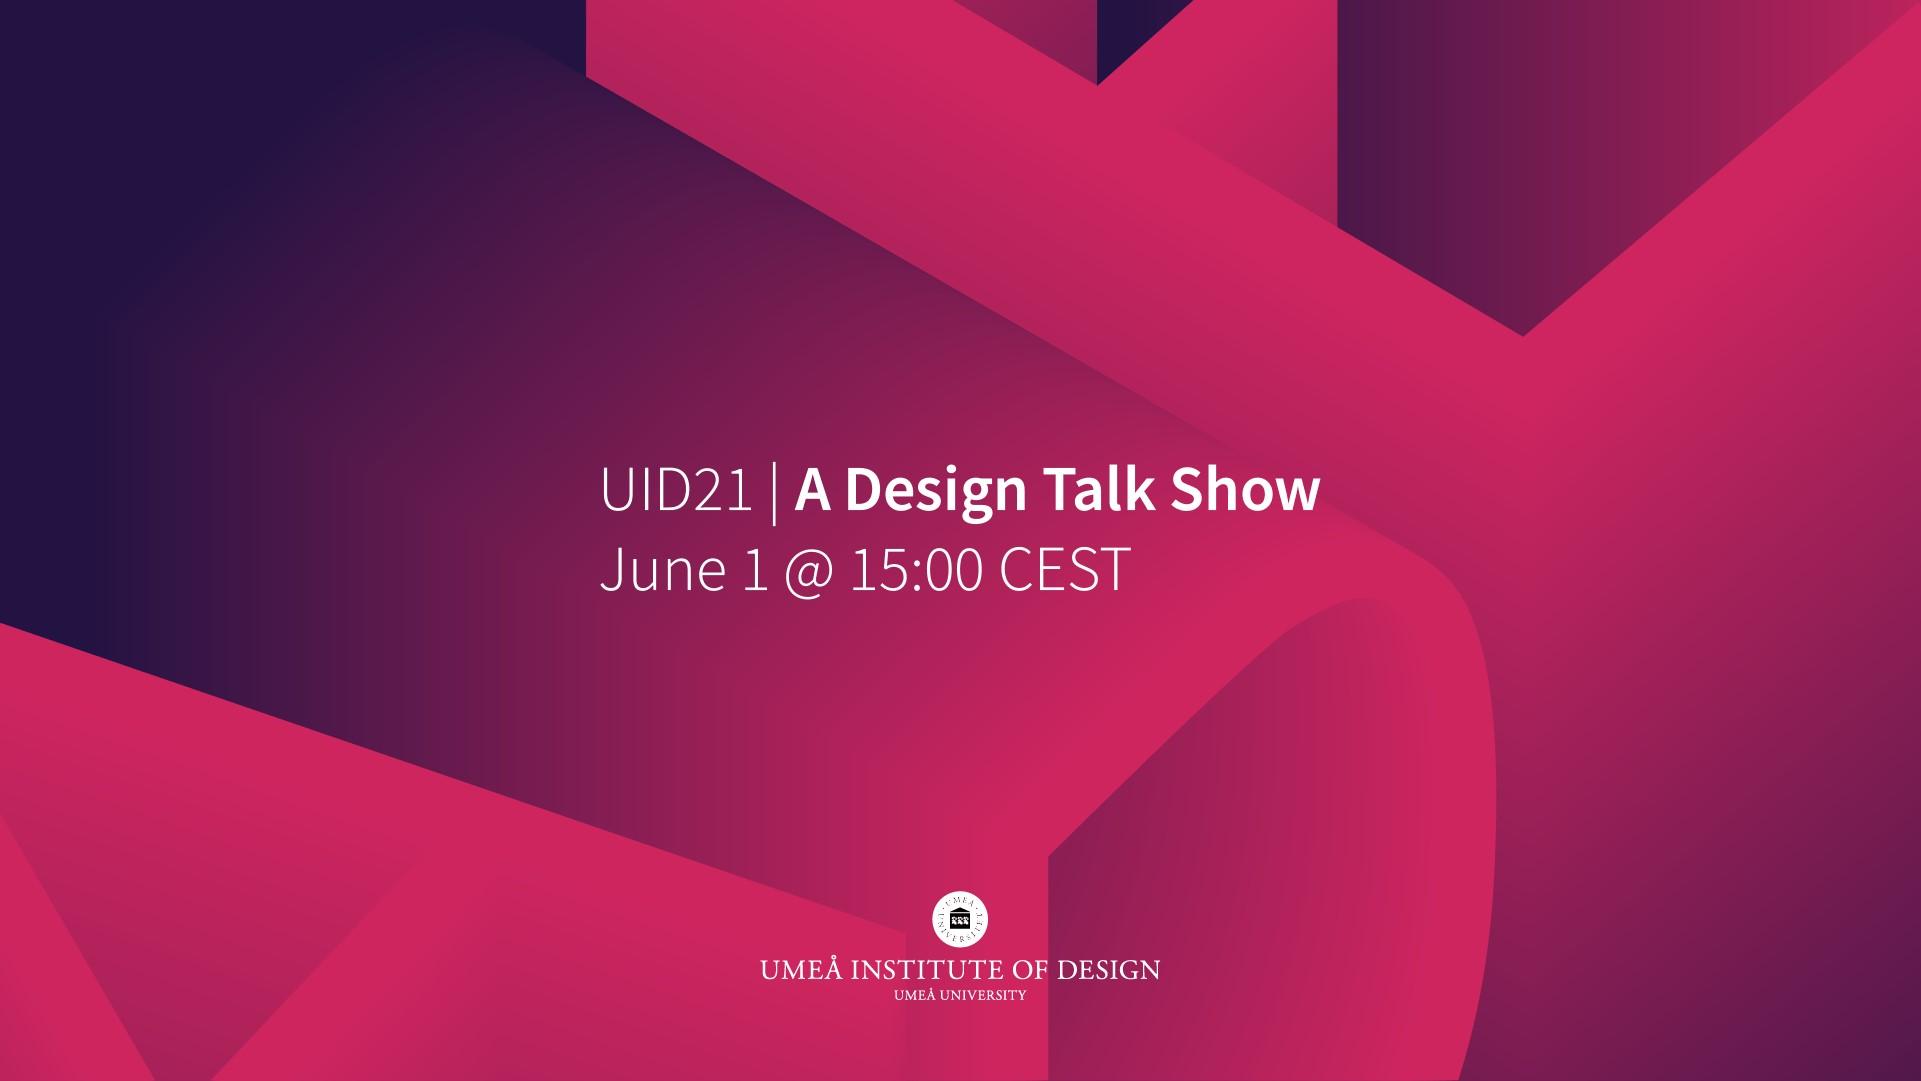 UID2021 A Design Talk Show